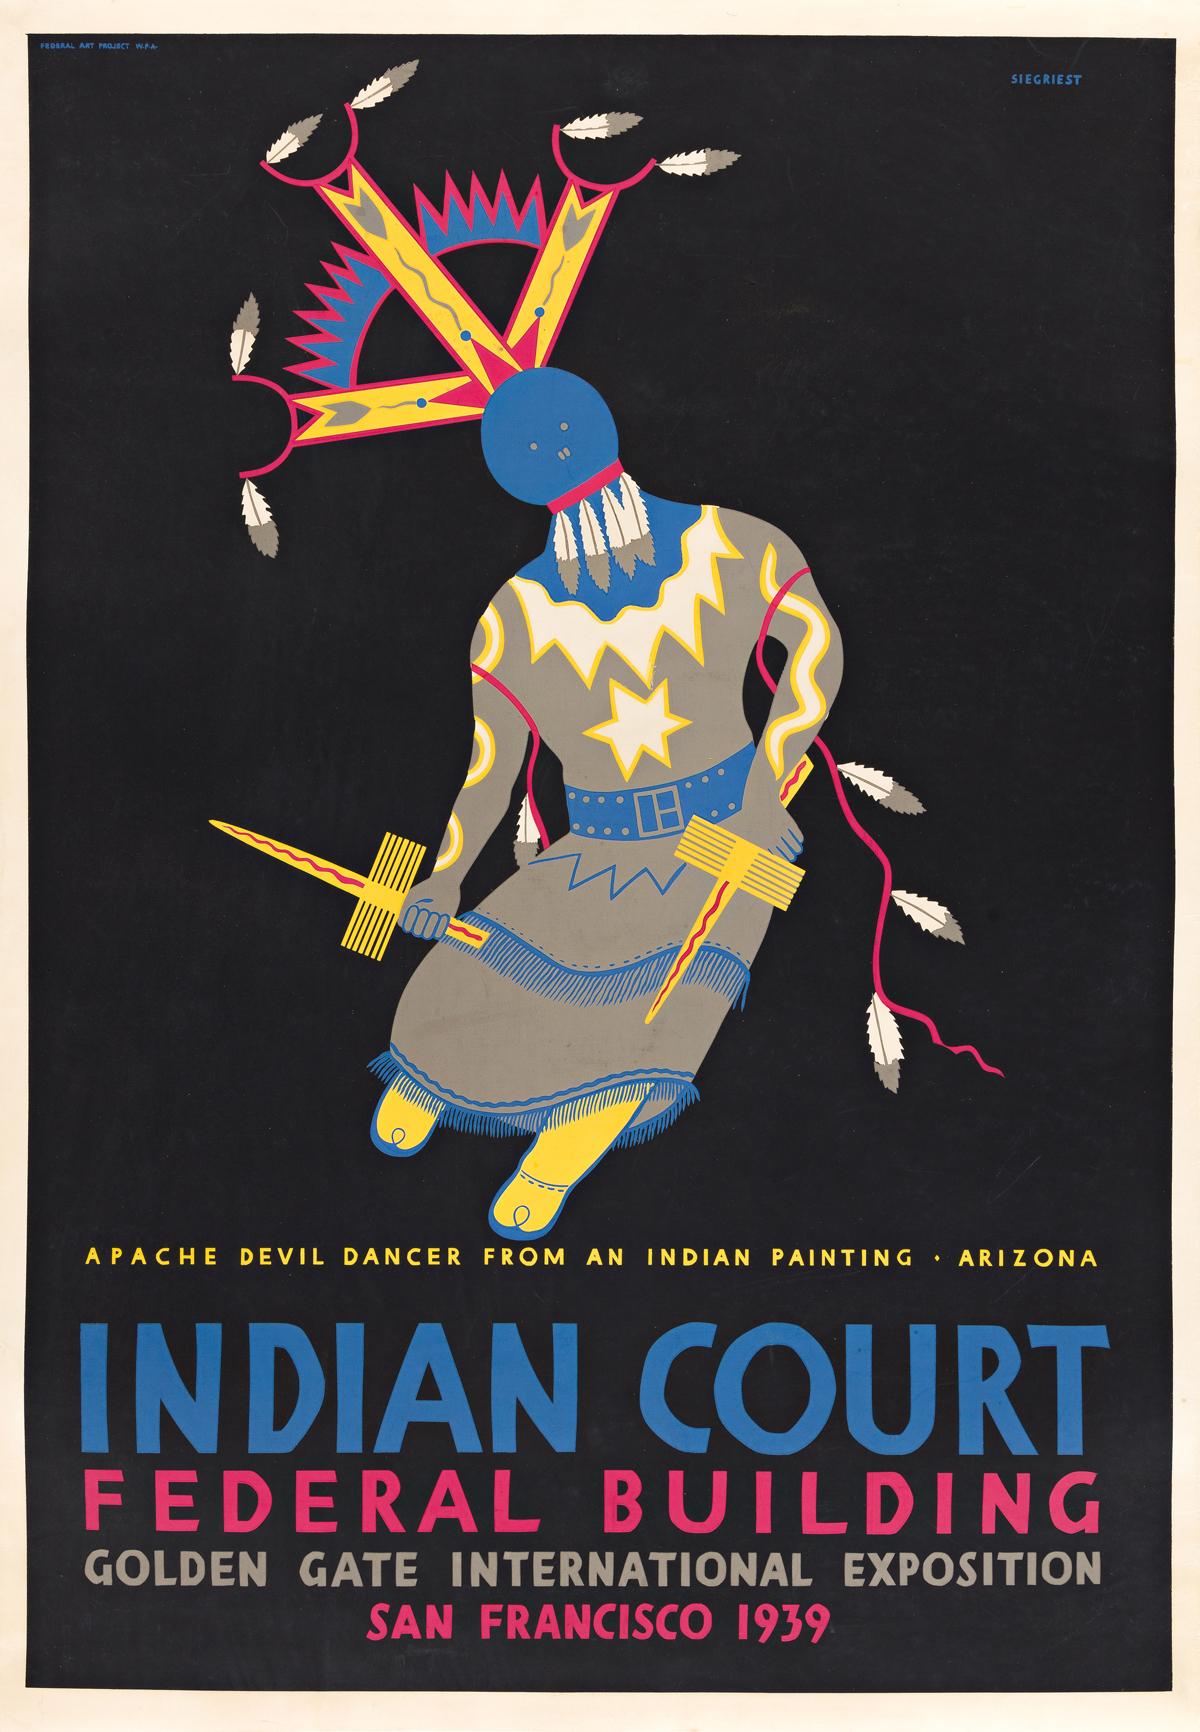 LOUIS B. SIEGRIEST (1899-1989) Indian Court Federal Building / Apache Devil Dancer.